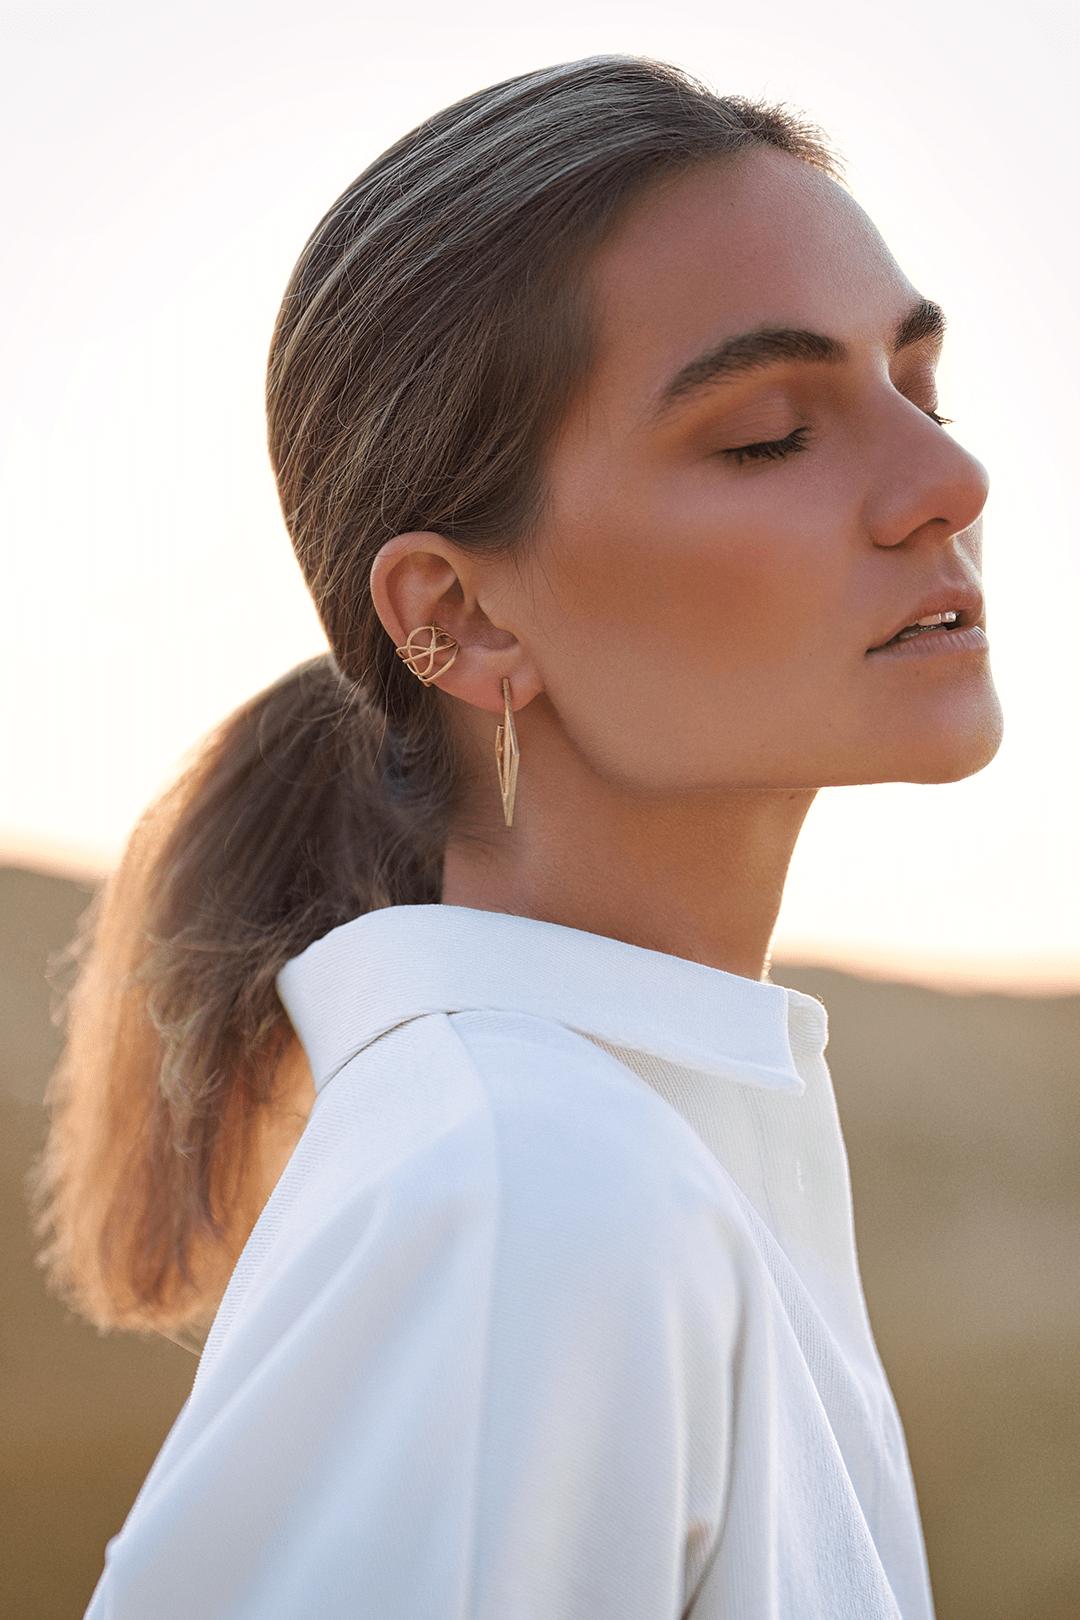 earcuff by laura spilker